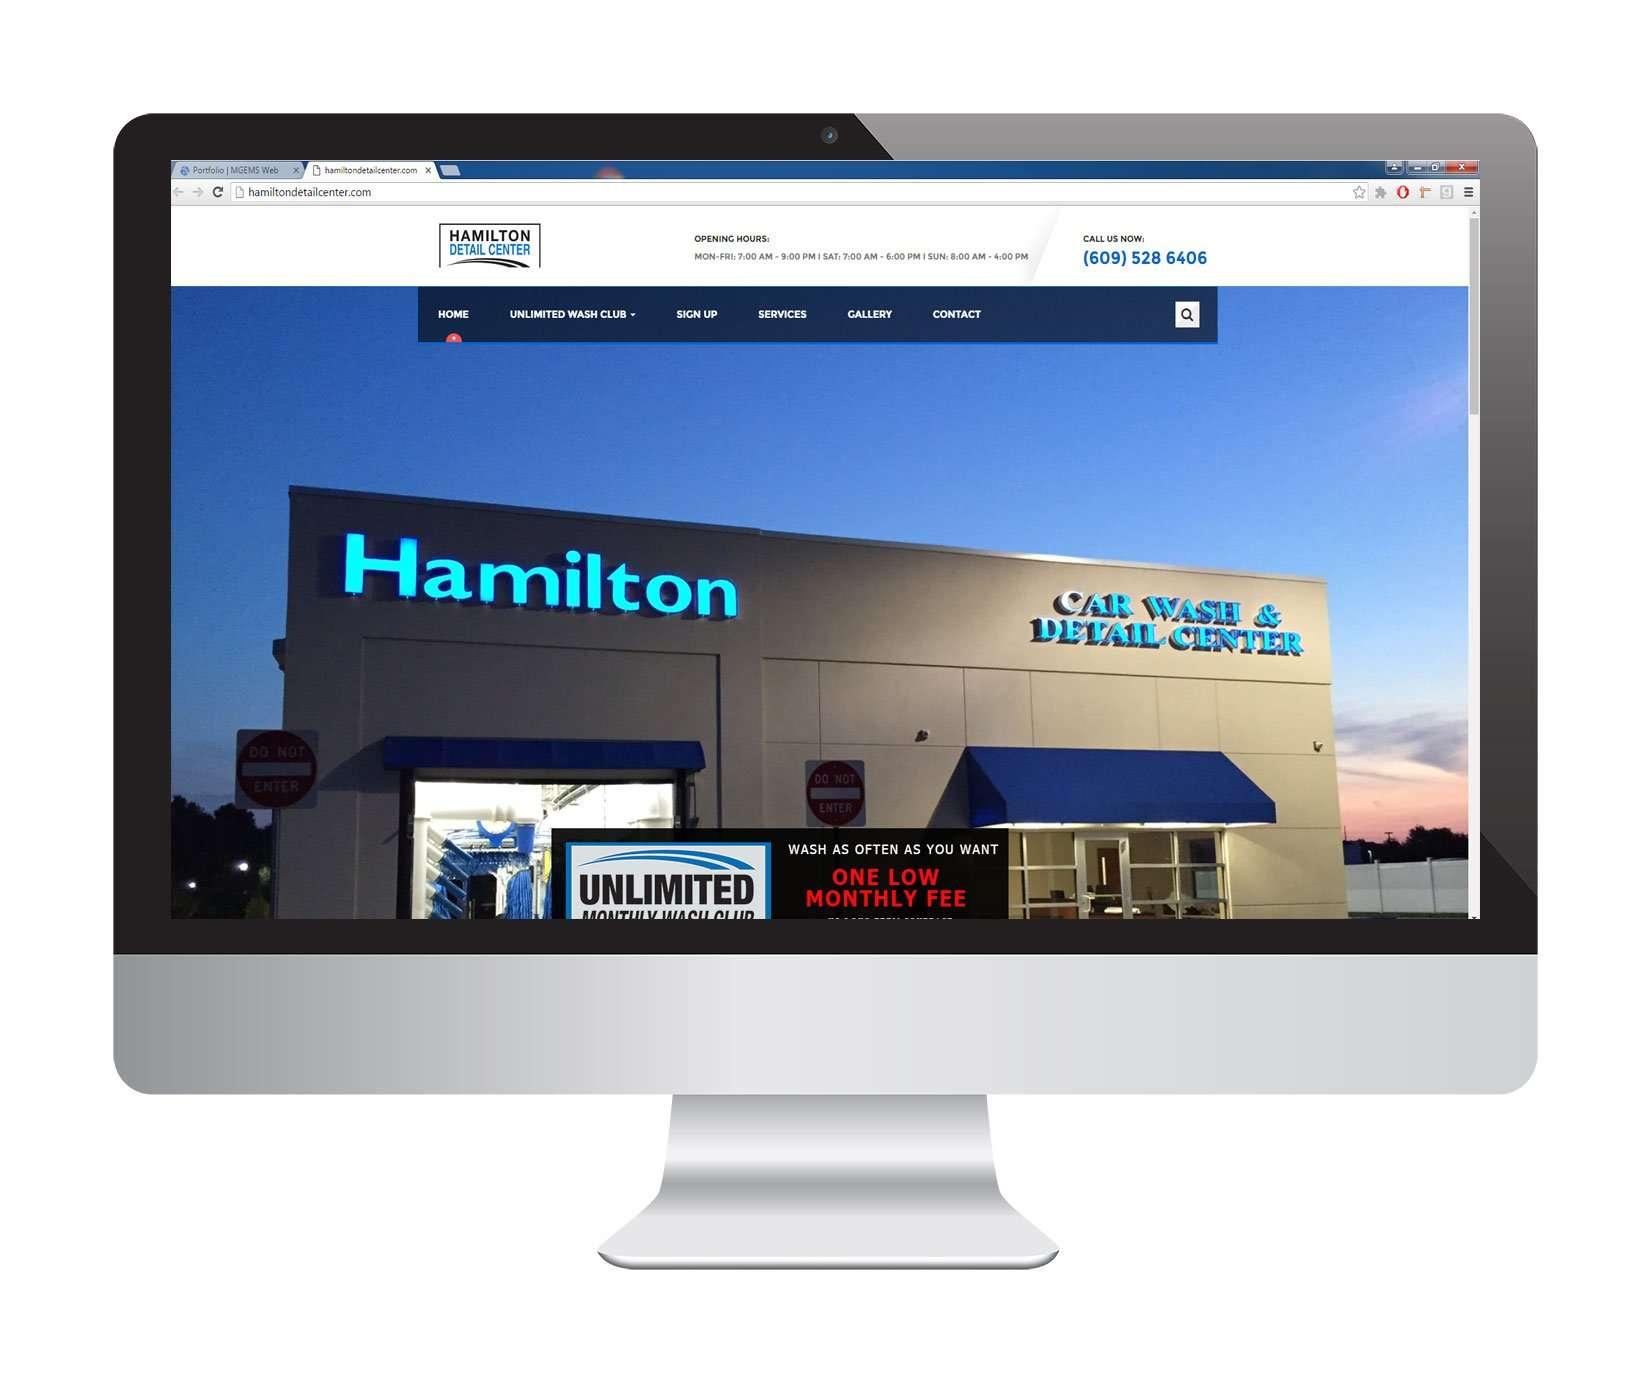 www.hamiltondetailcenter.com